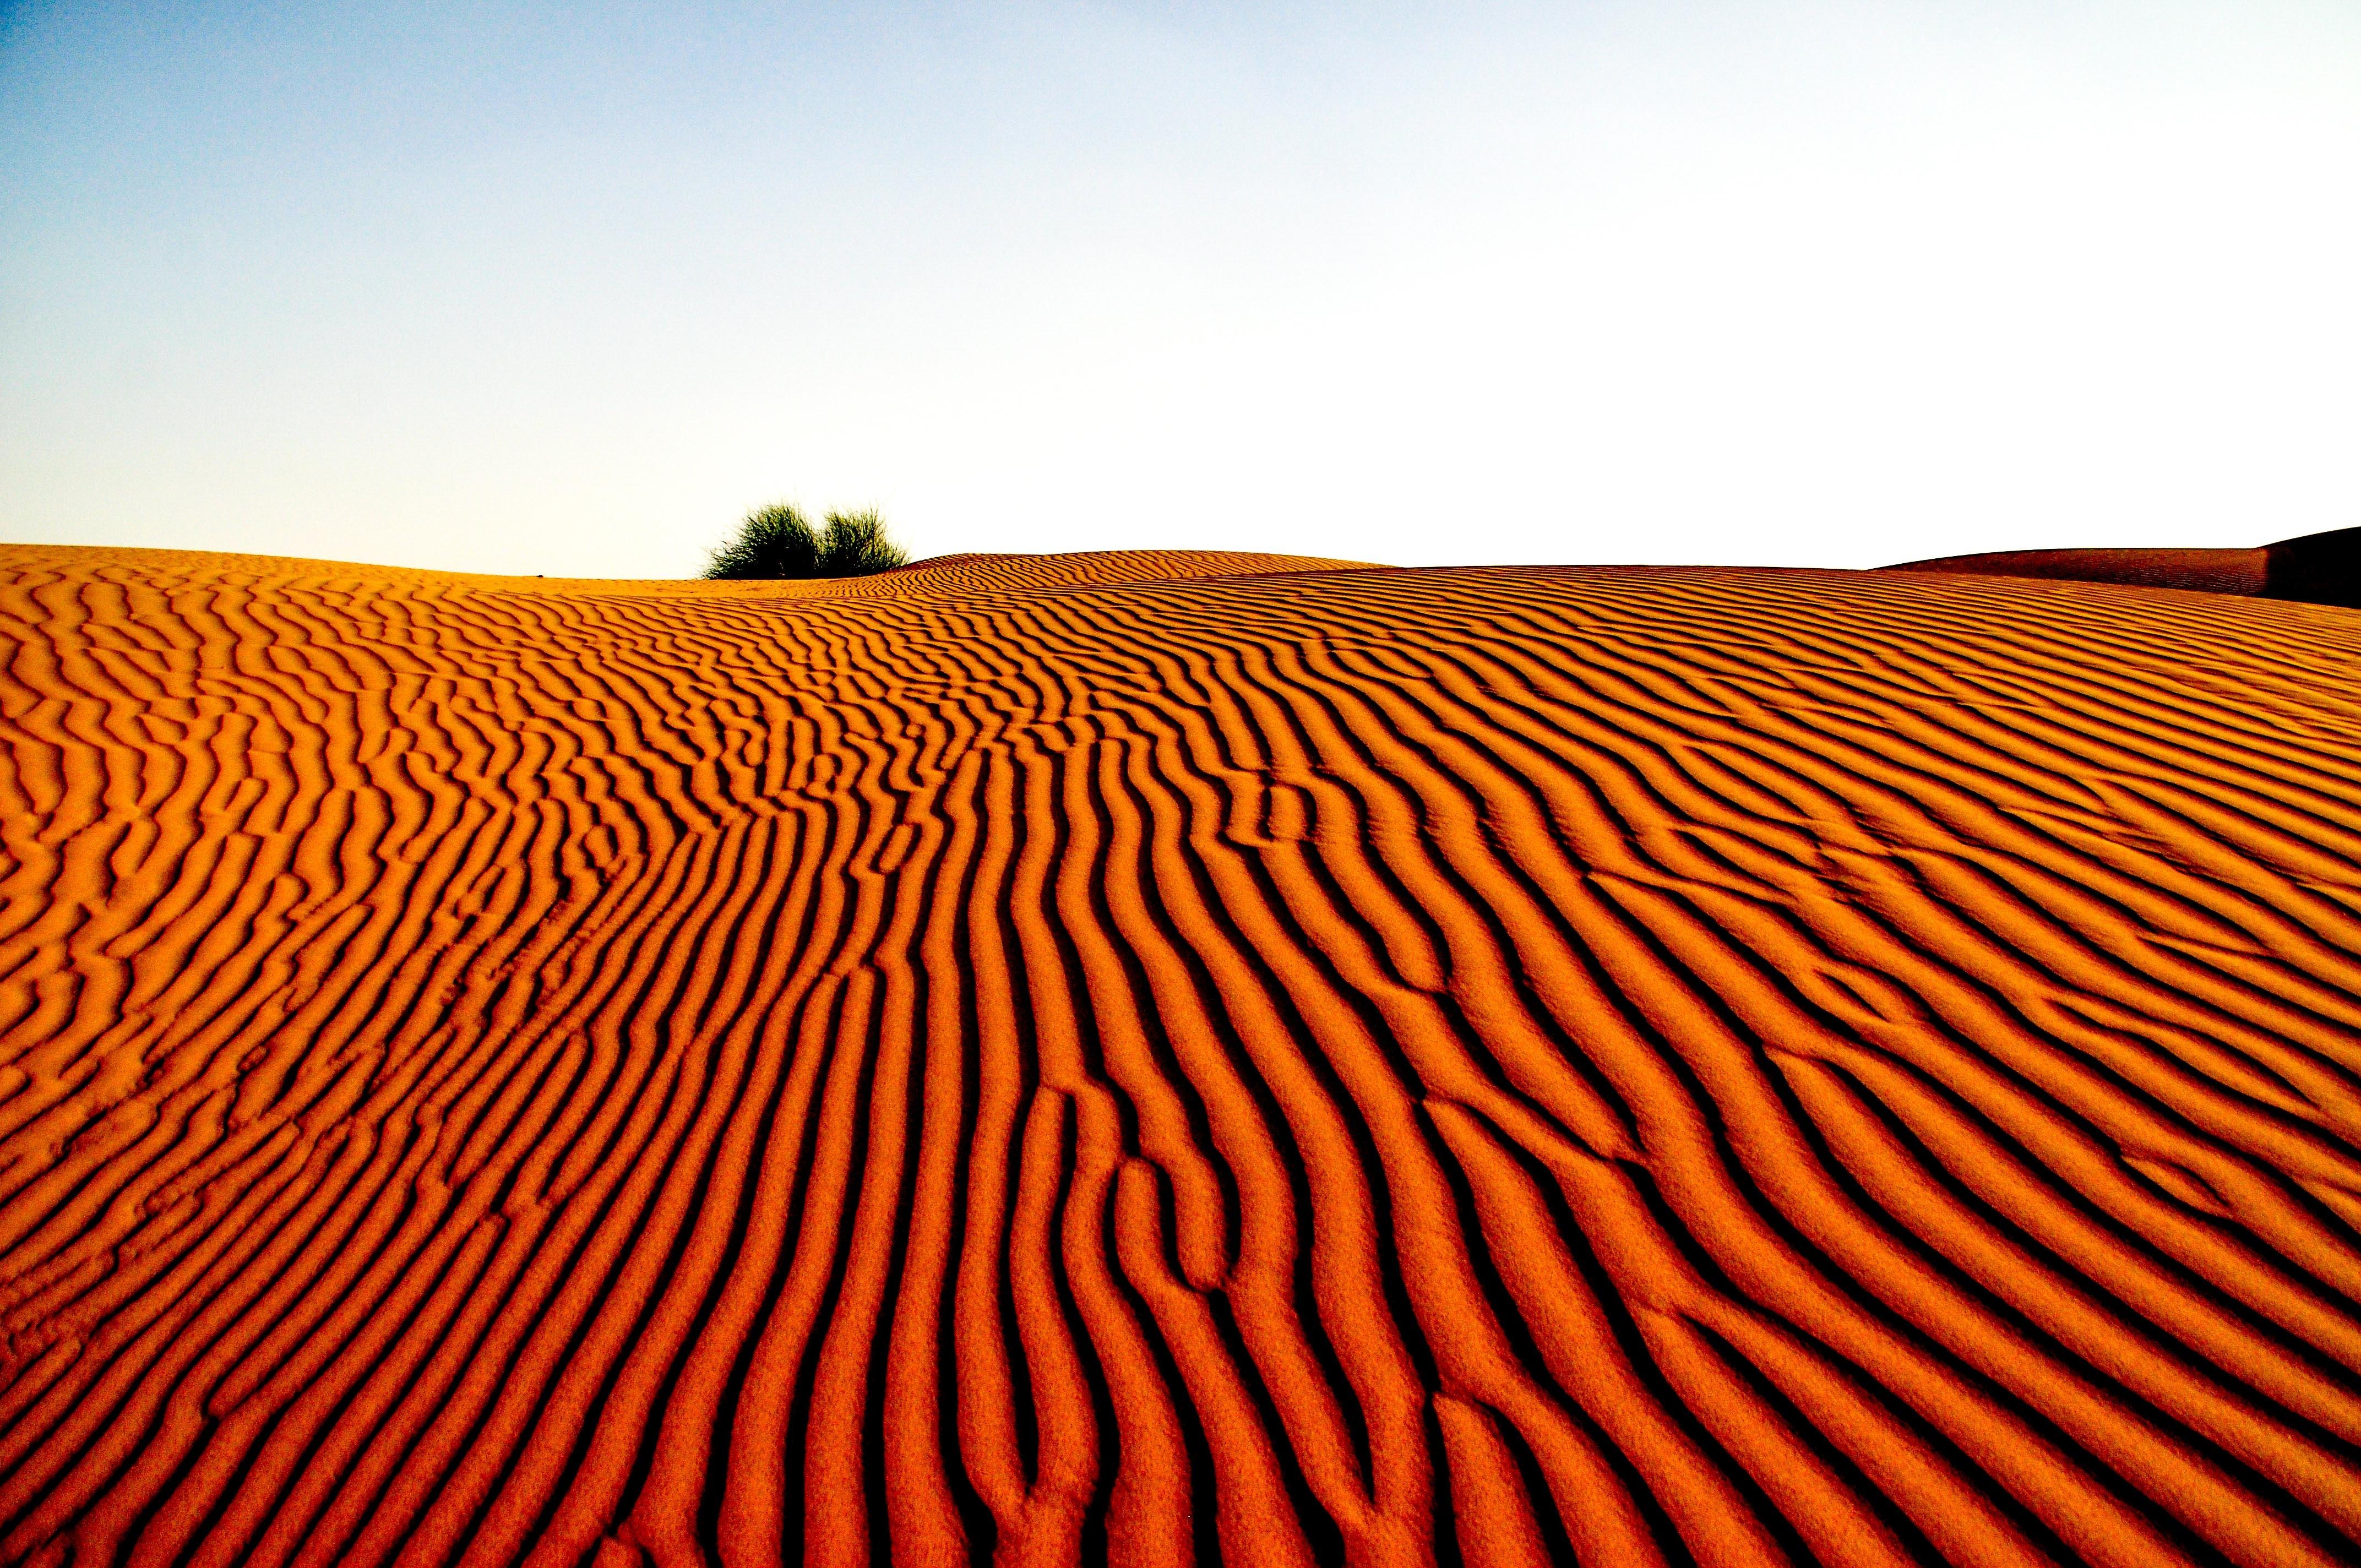 Free images sand arid travel dry red soil tourism for Desert landscape